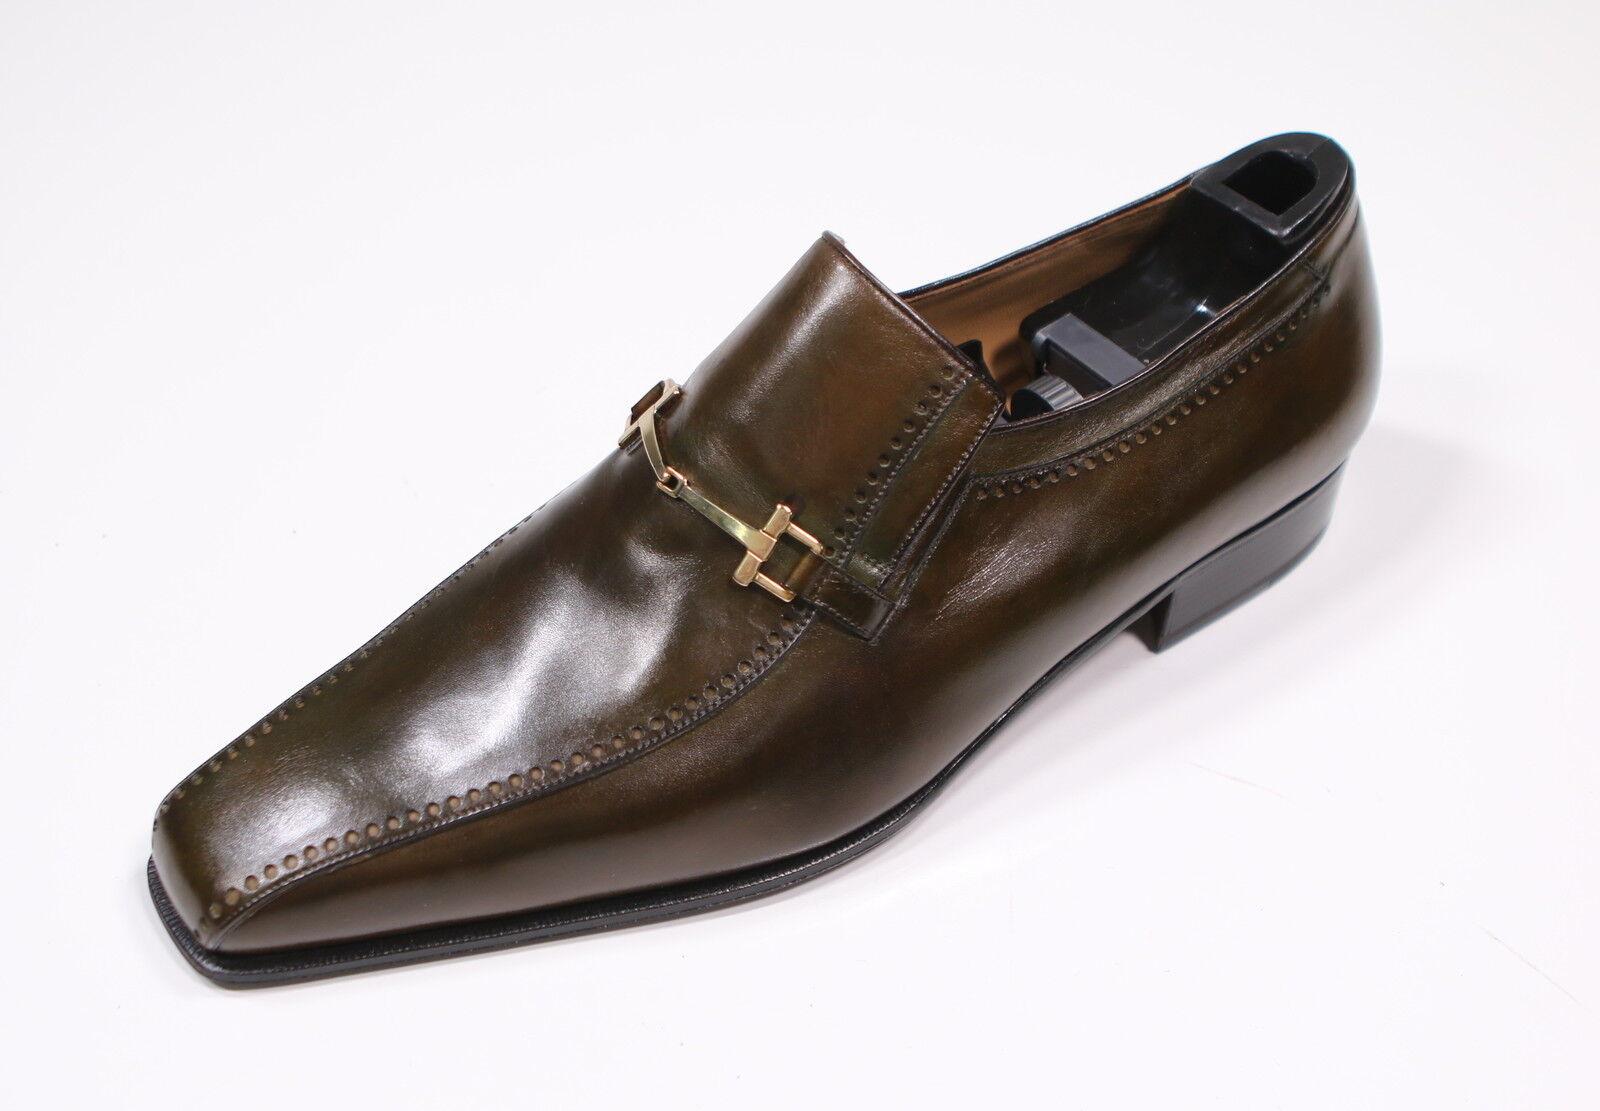 punto vendita New     BRIONI  Dark verde Patina Leather oro Buckle Loafers US 12  autorizzazione